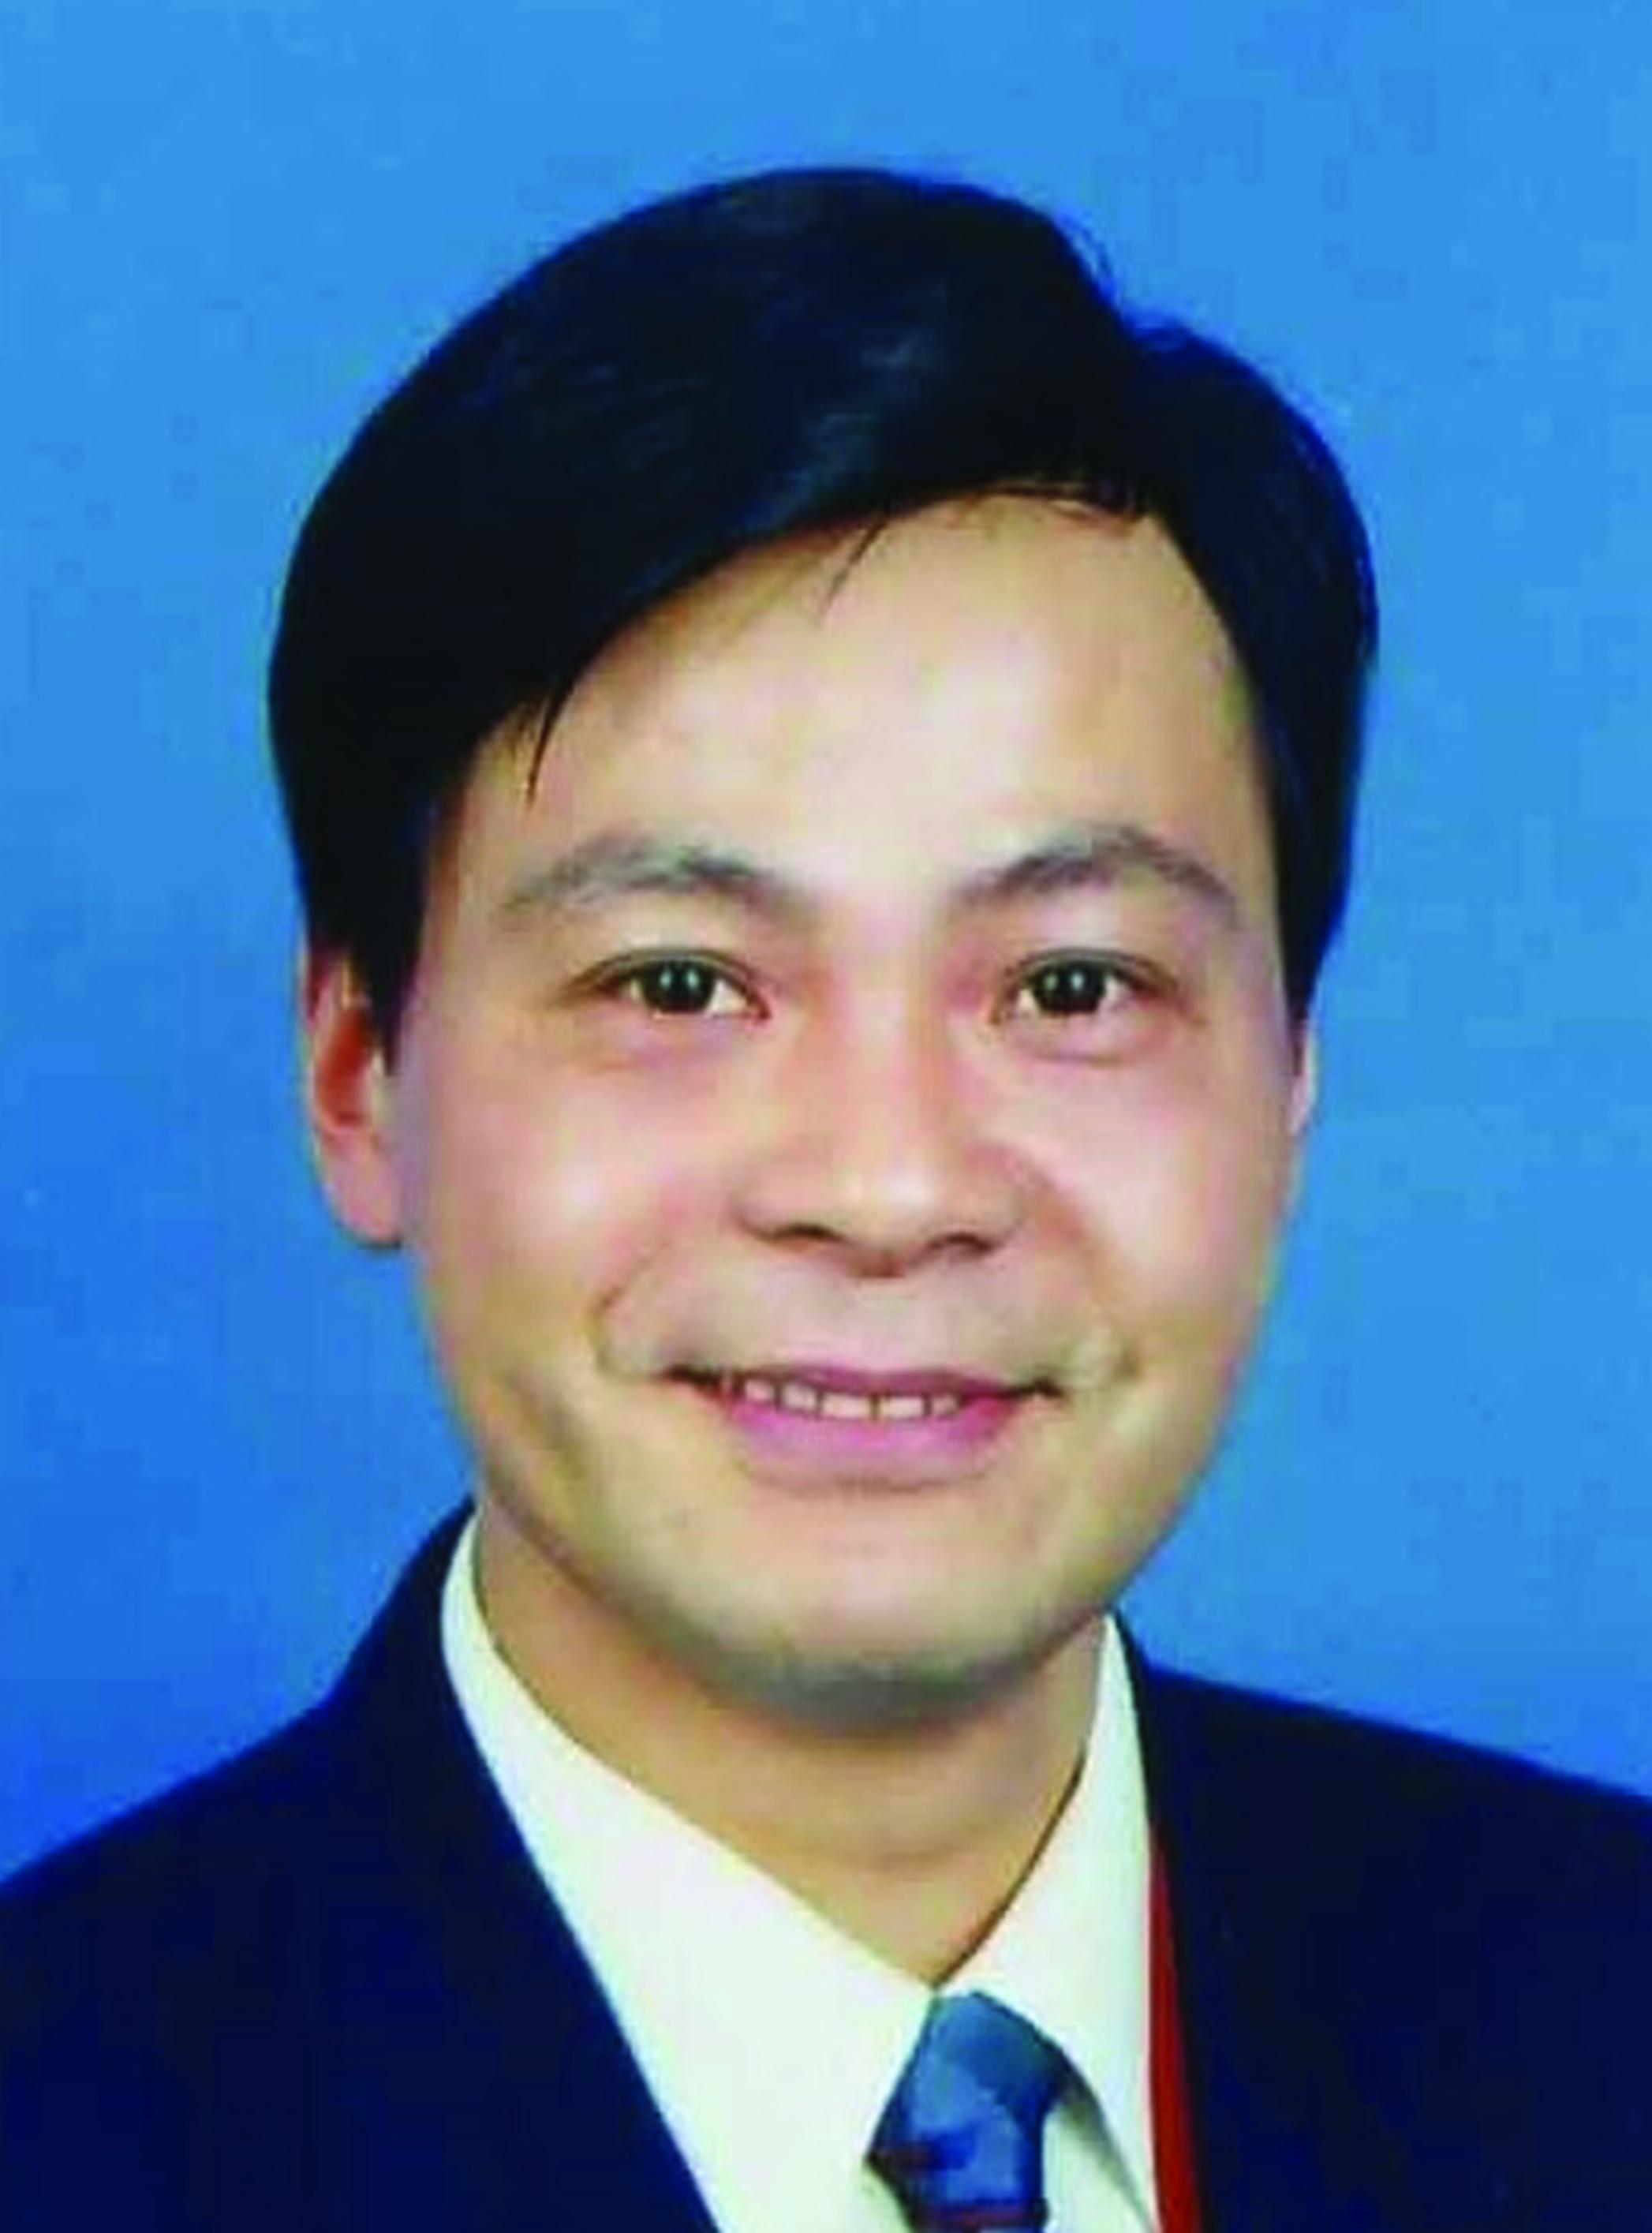 刘仲宝 (Liu Zhong Bao)